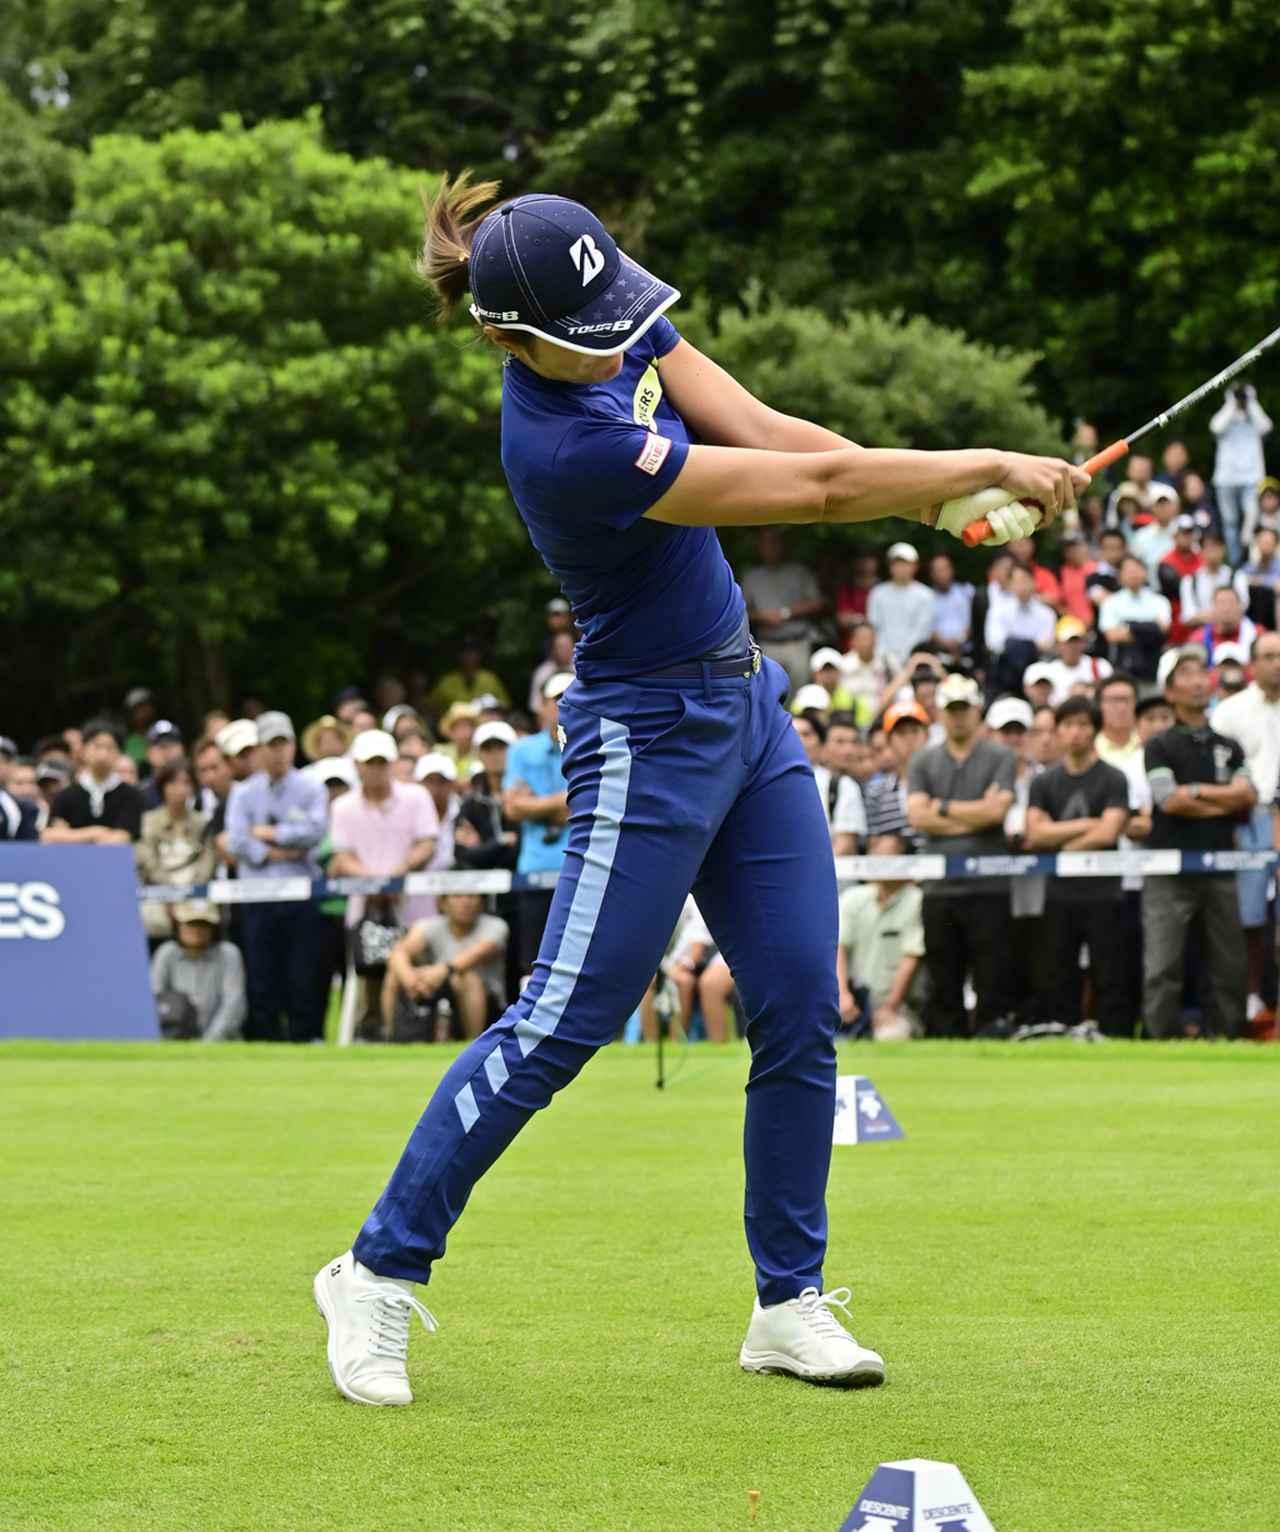 画像: トップからフォローまで左手の甲を正面に向ける。フェースローテーションを抑えることで思いっきり左に振り抜ける